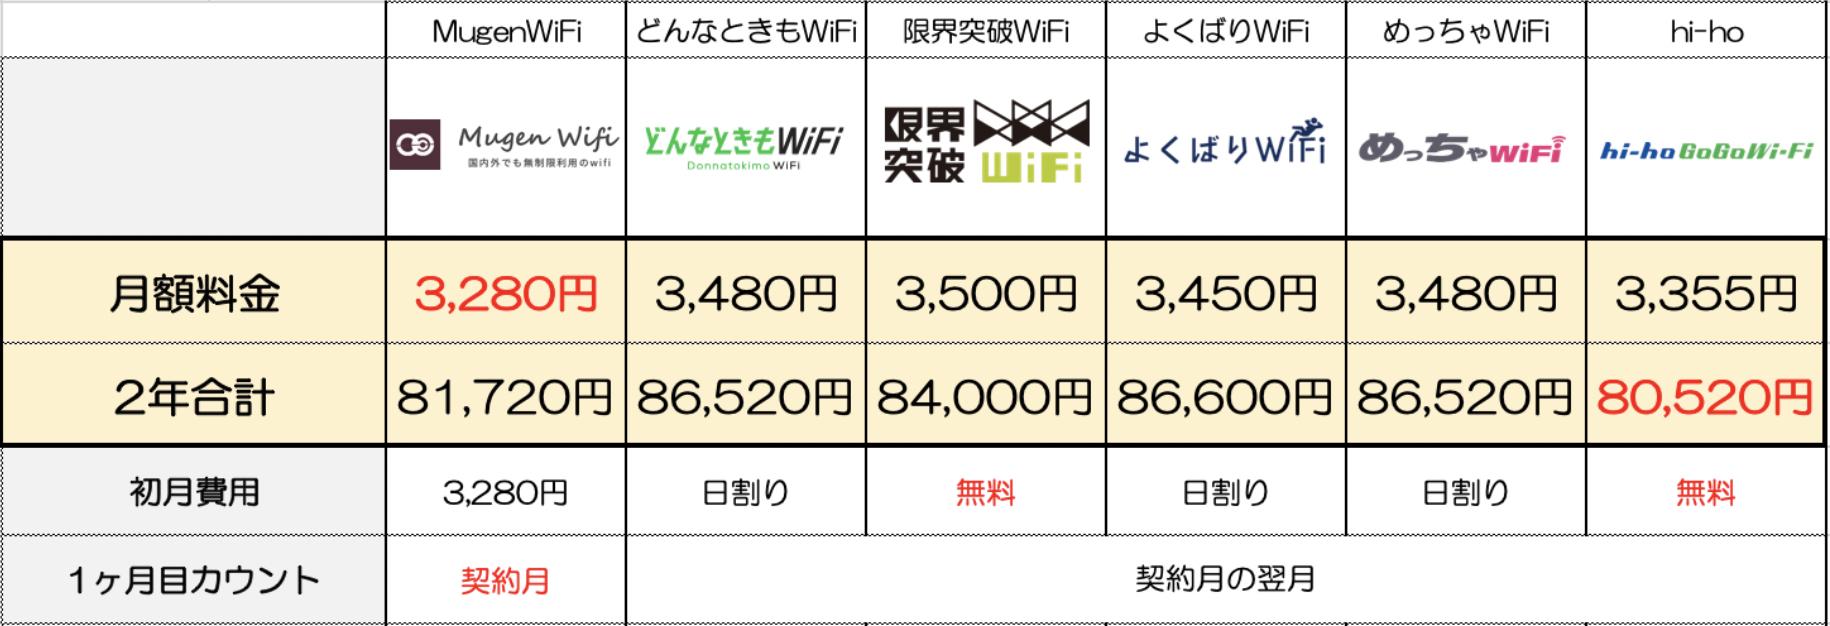 クラウドWiFiの初月に関する比較